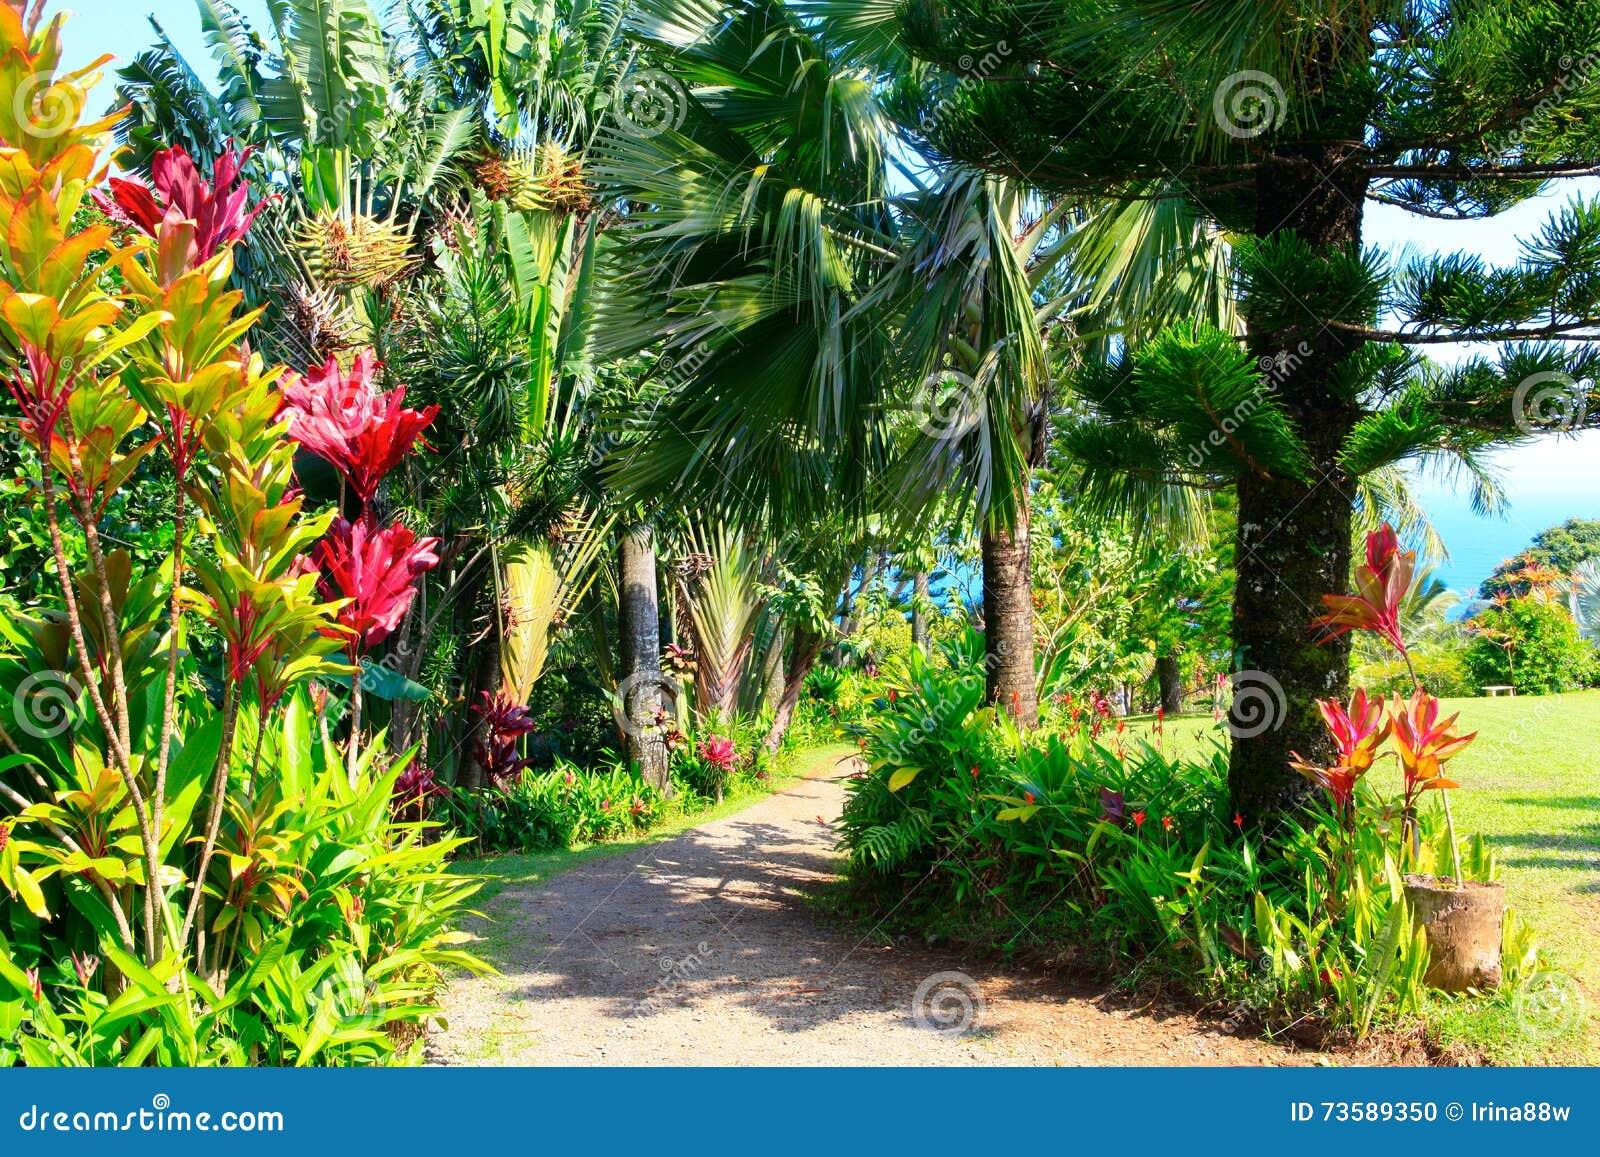 a tropical garden garden of eden maui hawaii stock photo image